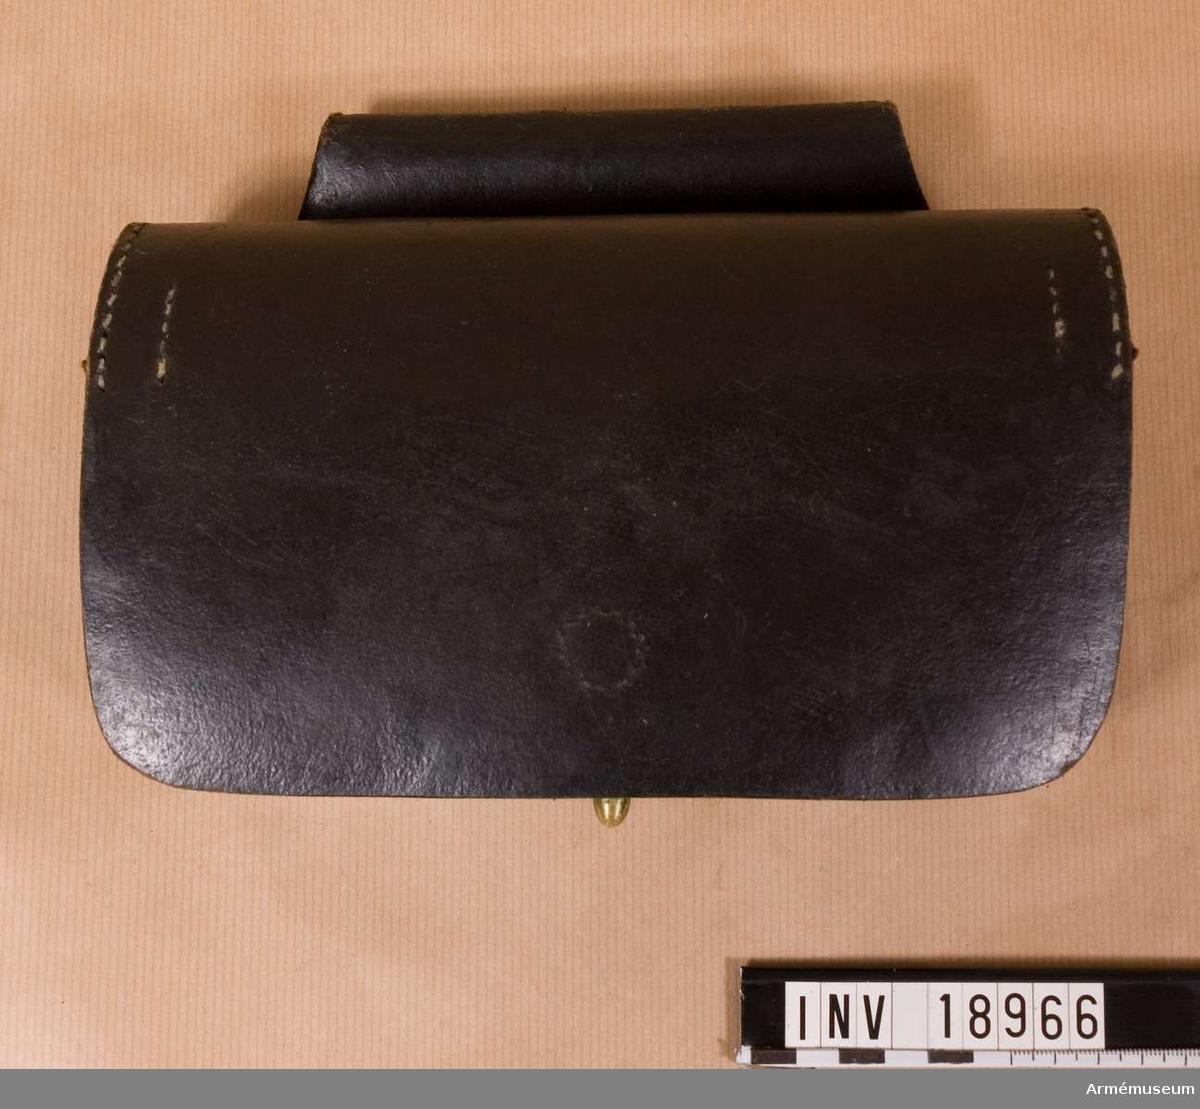 """Grupp C II. Av svart läder' Består av lock, som stängs med en rem med knapphål. På lockets baksida finns en stämpel: """"KG"""" (KungligaGardet). Därefter själva väskan, som har två skilda avdelningar för patroner och en särskild ficka, avrundad och med lock,  för kapslar. På väskans nedre del finns en mässingsknapp ooh på baksidan en ögla, b:120 mm, för livrem. Pappersetikett från Stockholms tygstation med text """"0-264"""". påskri6ffren """"0 - 264"""". LITT   Album: """"Svenska och Norska armeén"""". På bilden """"Kungl. Norske Garde Skarpskytter"""" bär soldaterna likadana patron- väskor.Enl kapten W Granberg."""